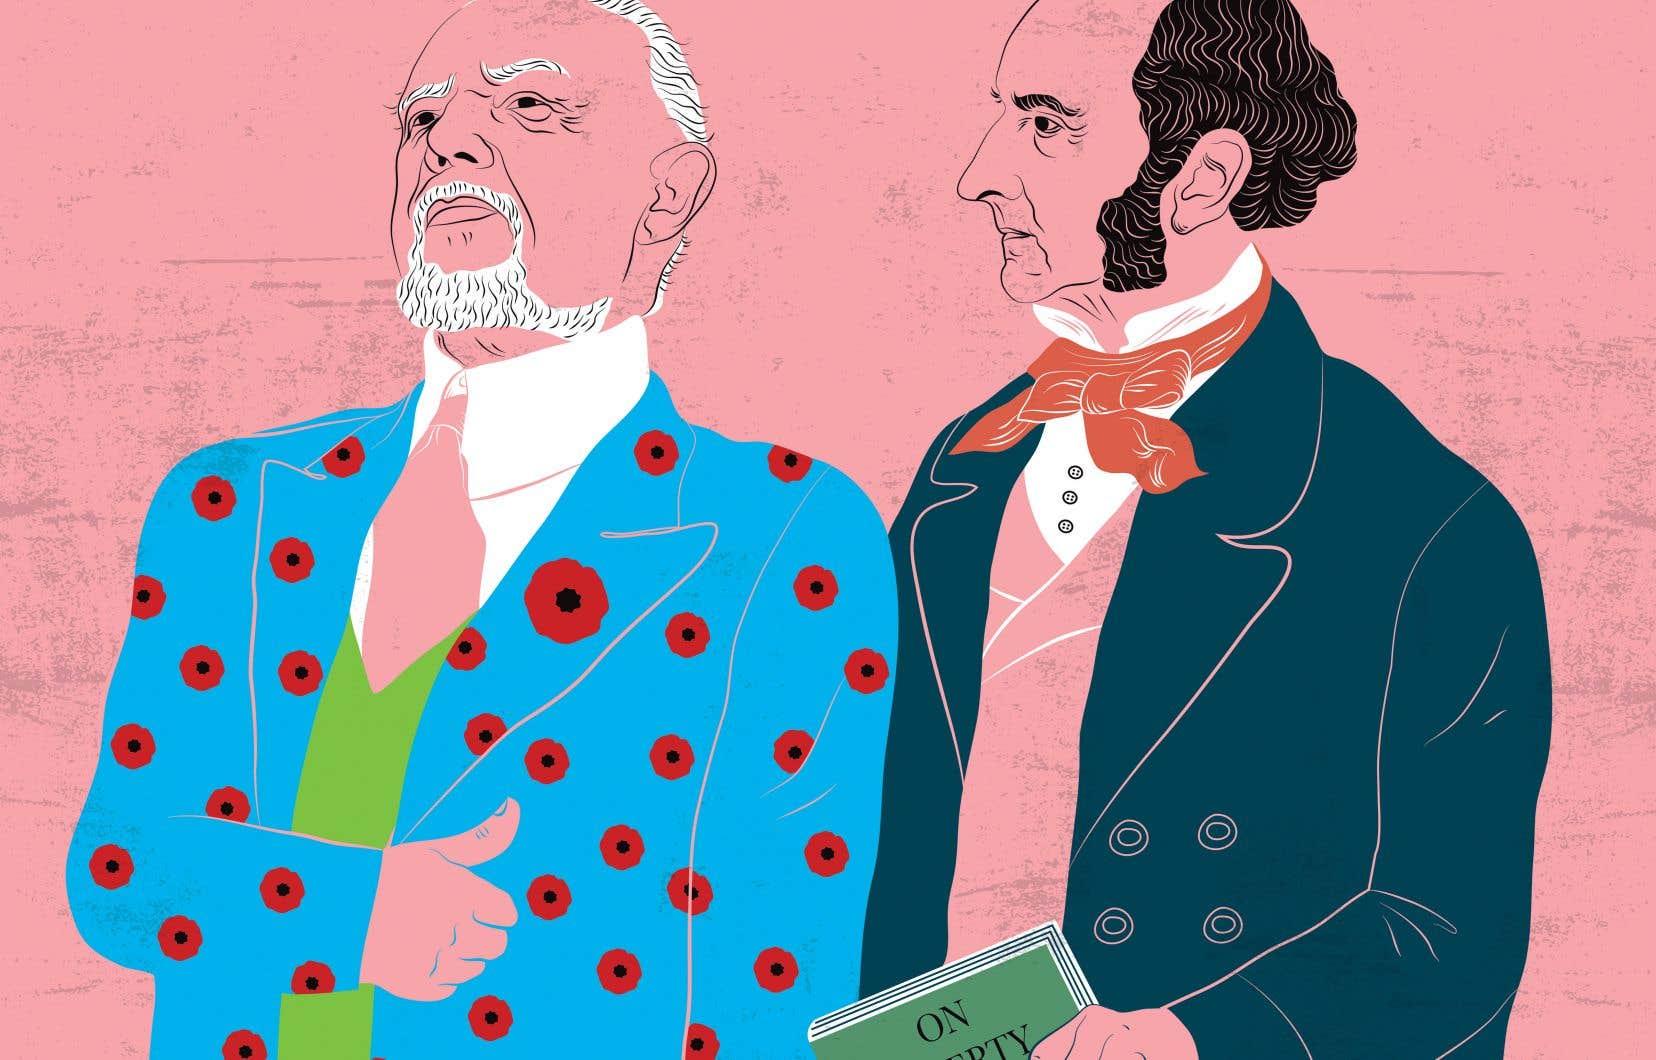 L'argument de la vérité n'est pas le seul que John Stuart Mill, éminent philosophe britannique et auteur, pourrait employer pour défendre le «coach» aux vestons colorés. Le philosophe a également élaboré un principe célèbre, qu'on nommera plus tard le principe du tort.